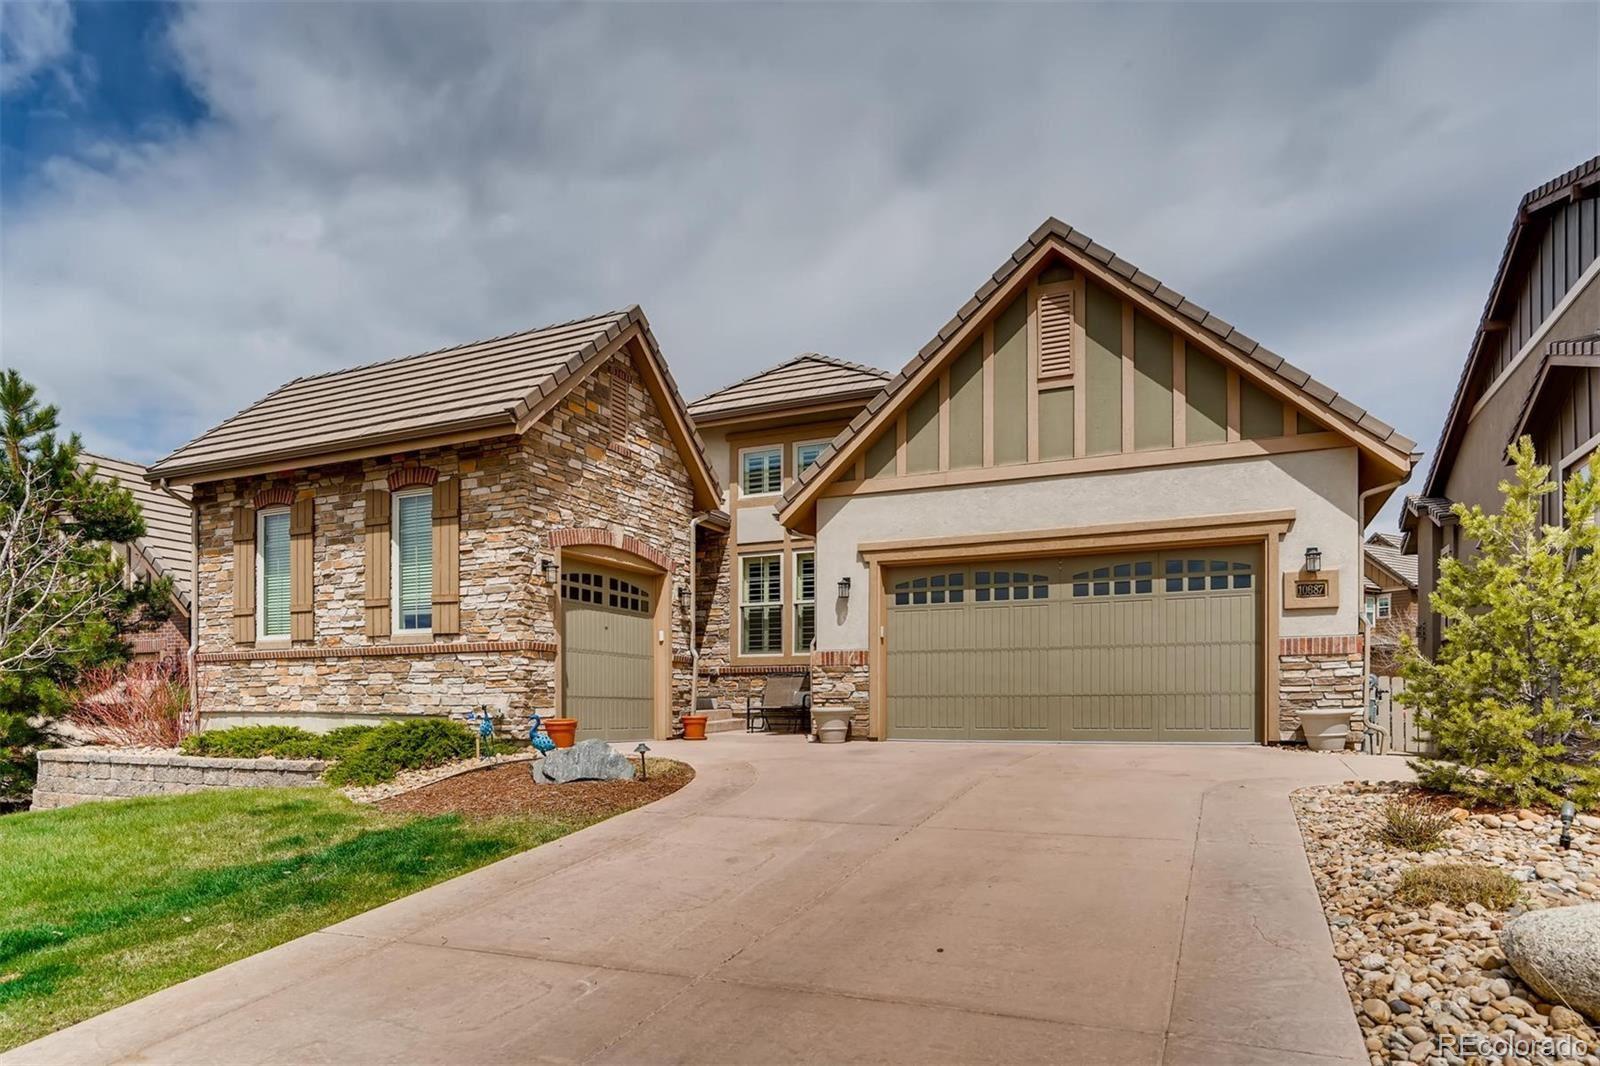 10687 Featherwalk Way, Highlands Ranch, CO 80126 - #: 6376827